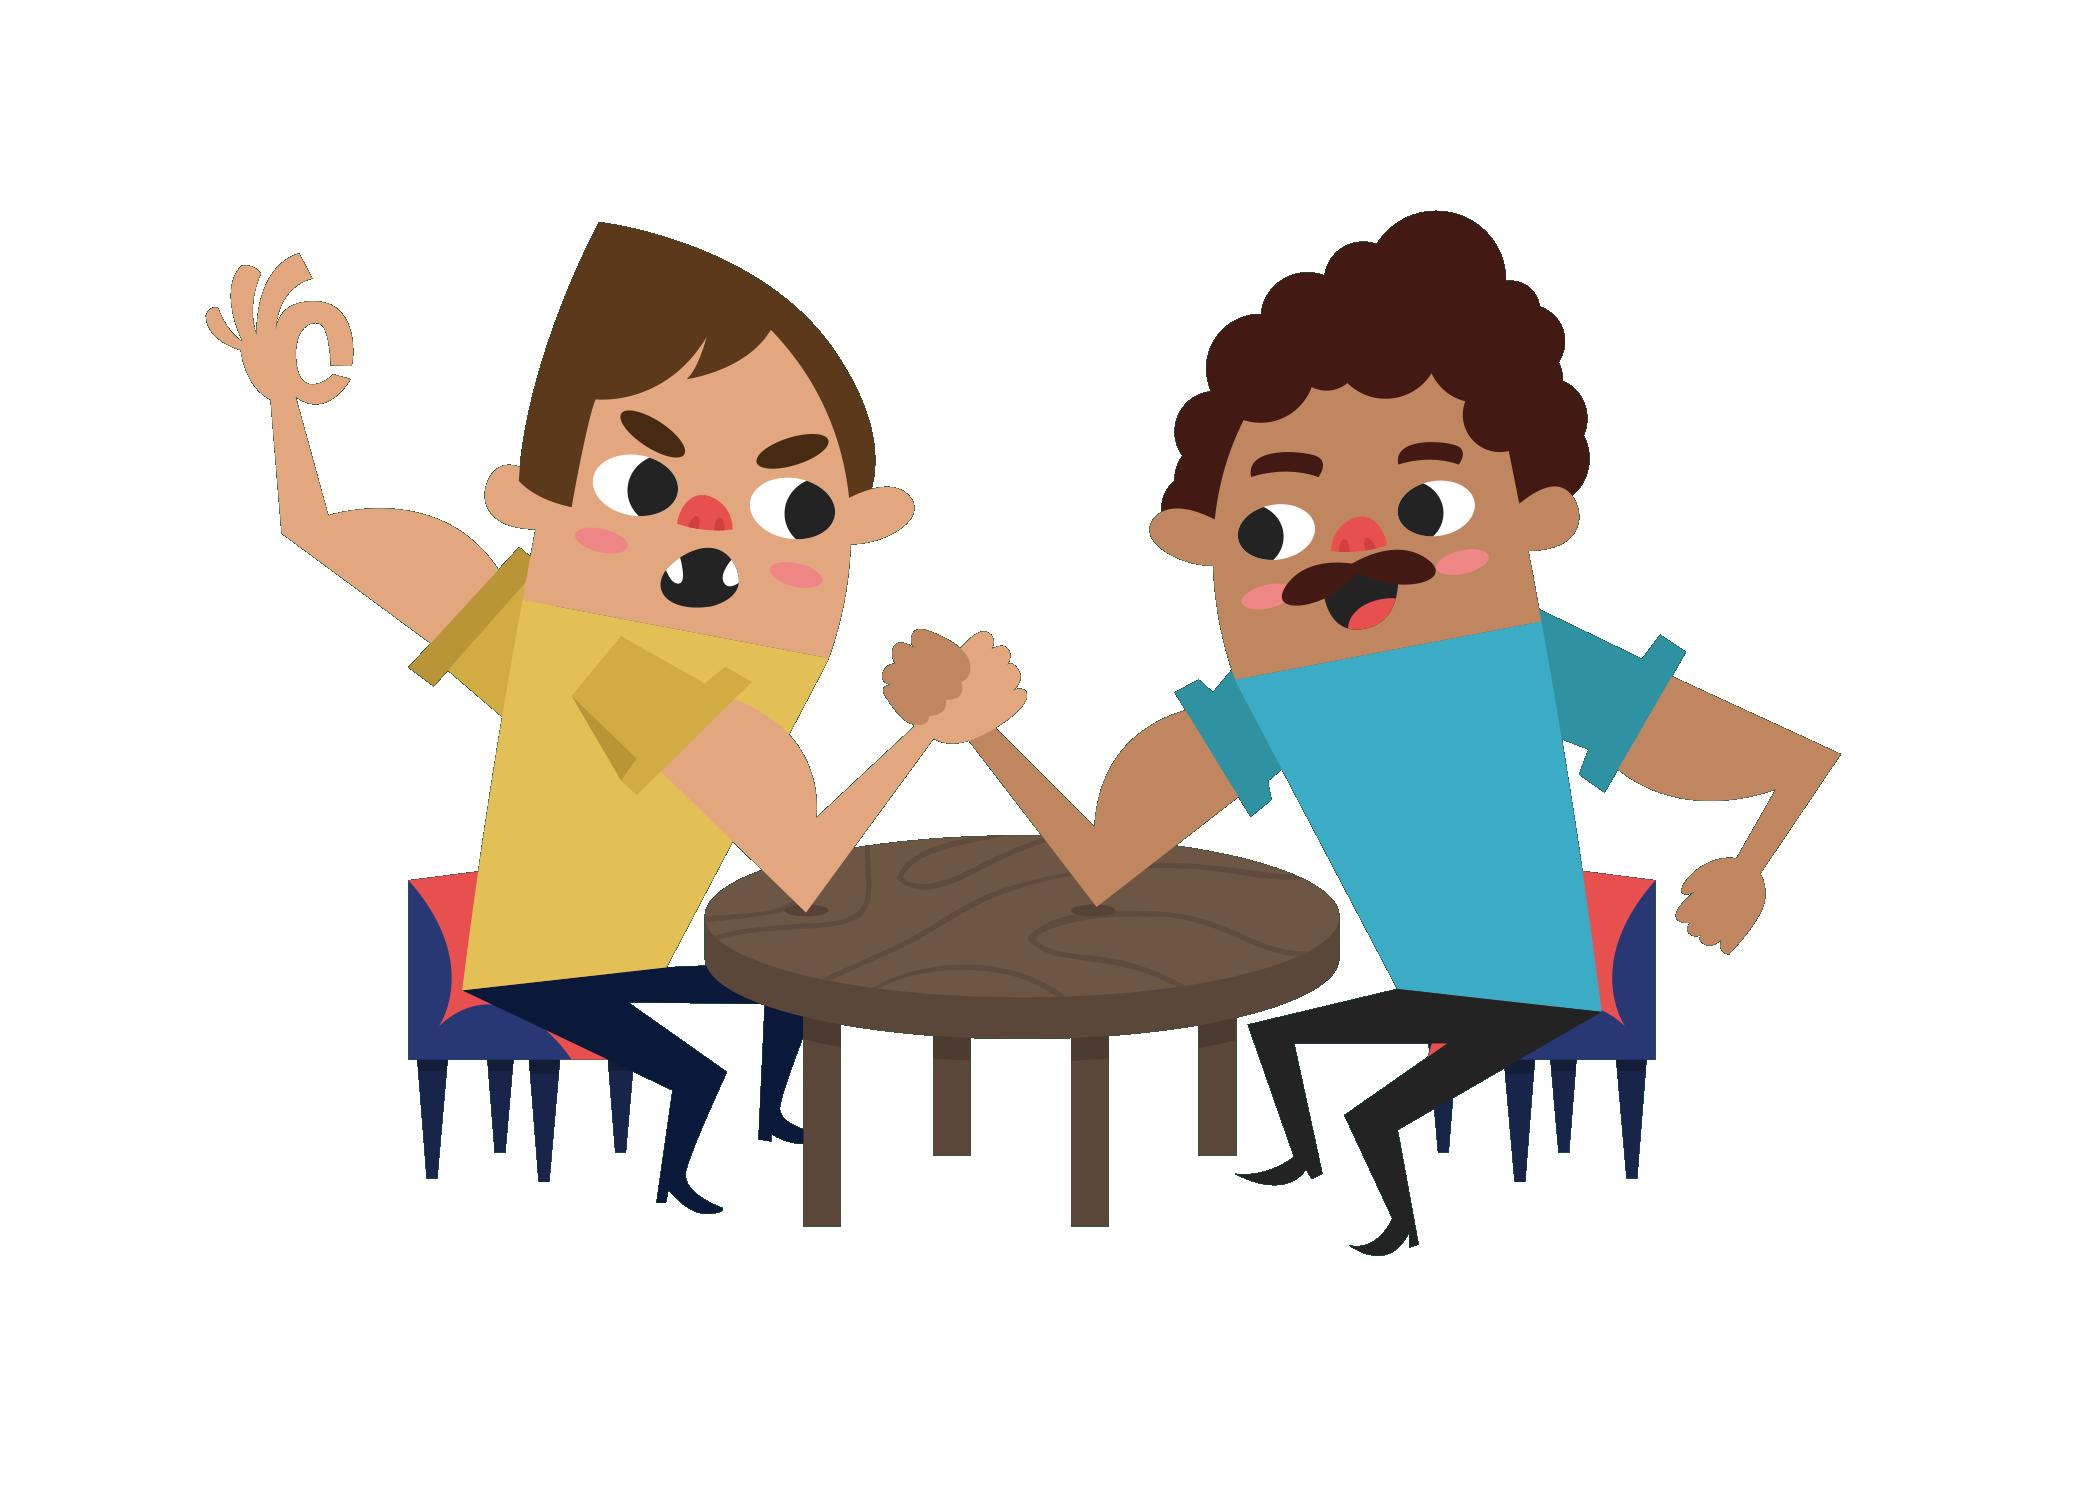 Conversation clipart family conversation. Clip art arm wrestling